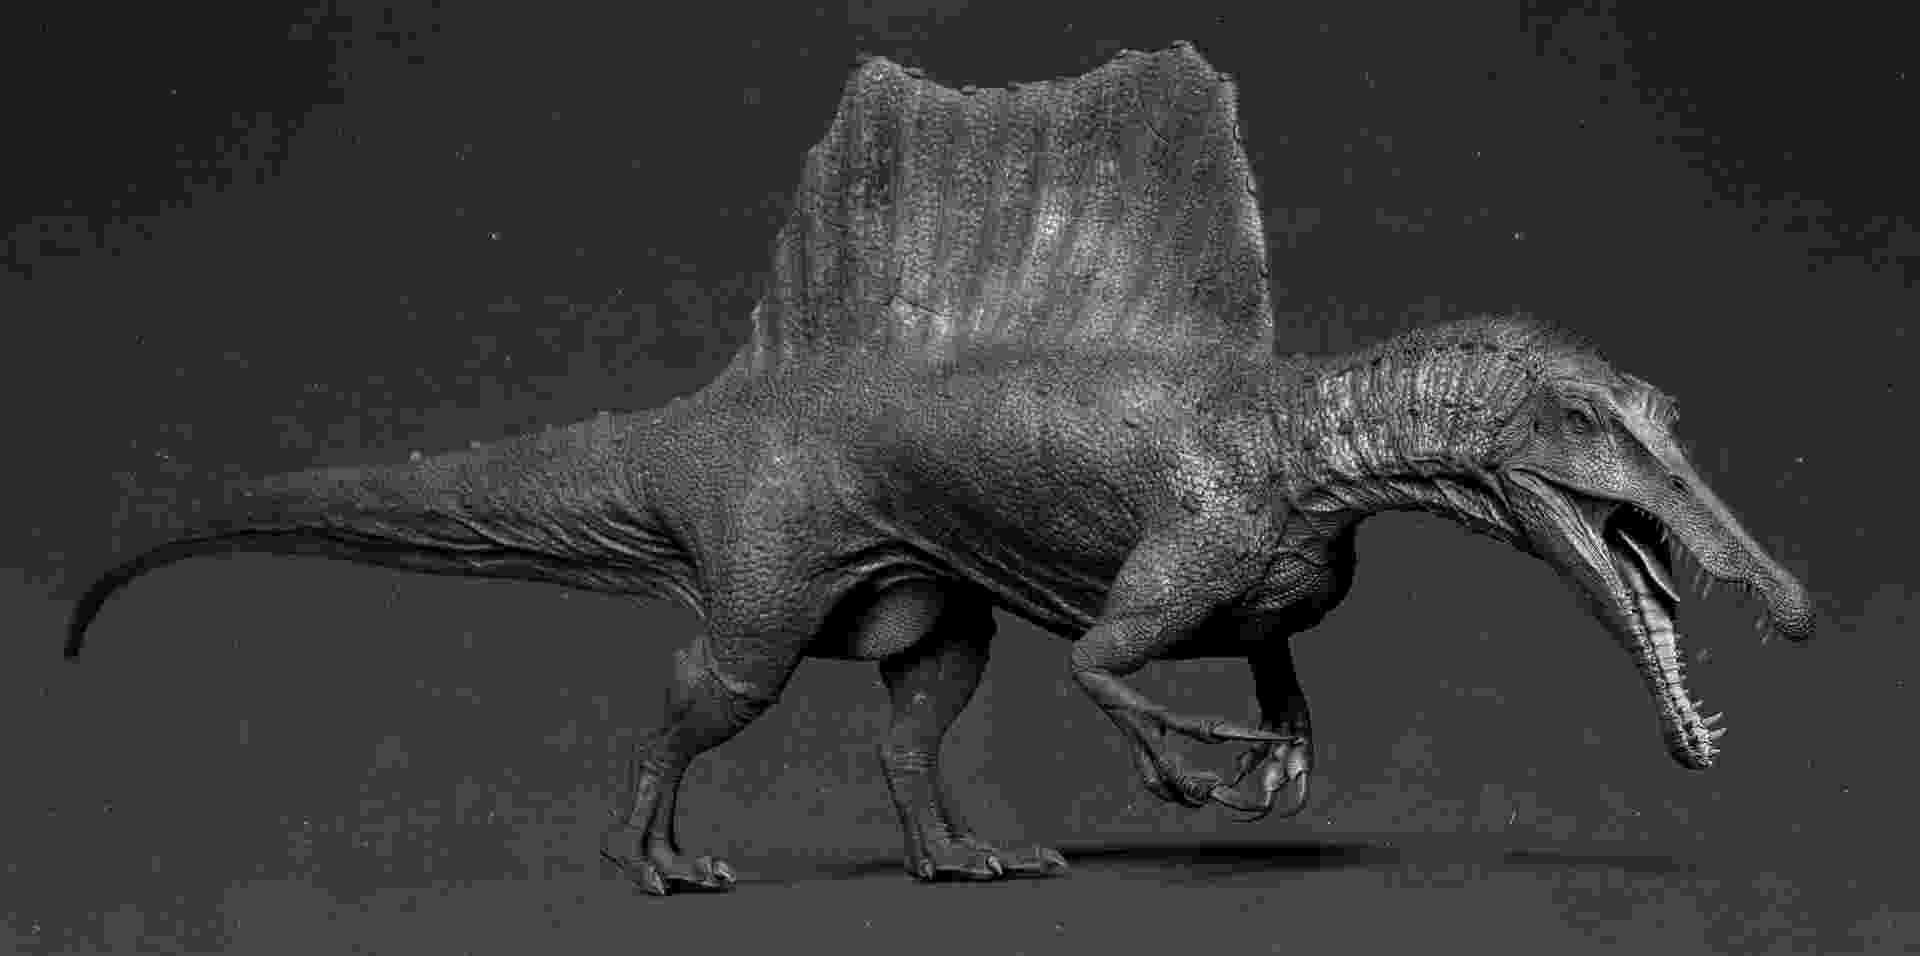 spinosaurus pictures spinosaurus aegyptiacus by acrosaurotaurus on deviantart spinosaurus pictures